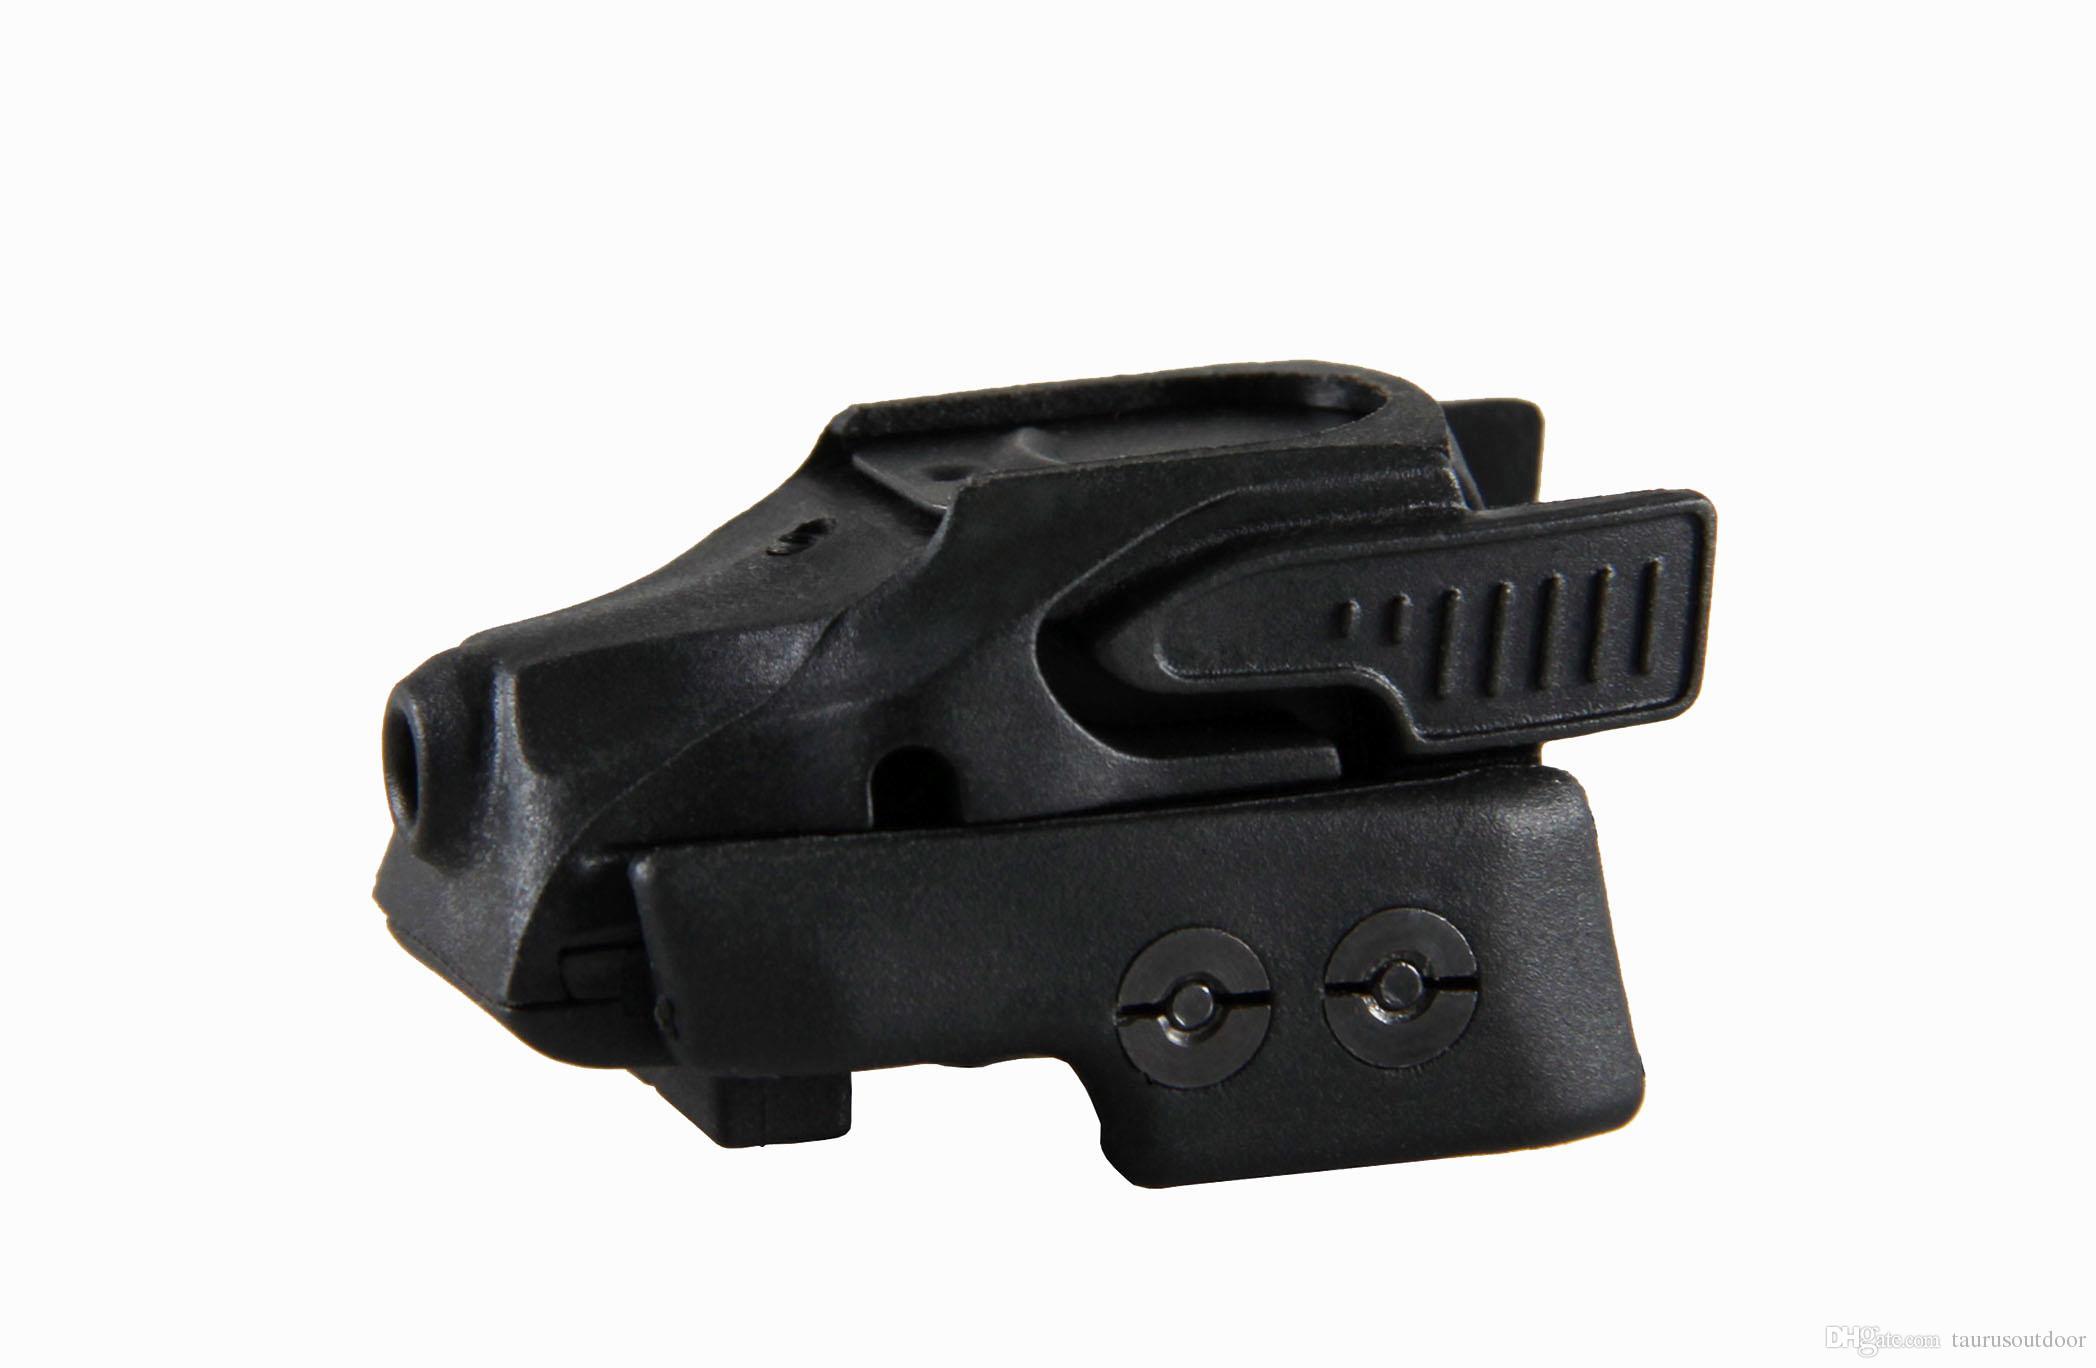 범용 마운트 CMR-201 레일 마스터 광경 미니 레이저 광경 범용 마운트와 함께 사냥을위한 권총 권총에 적합